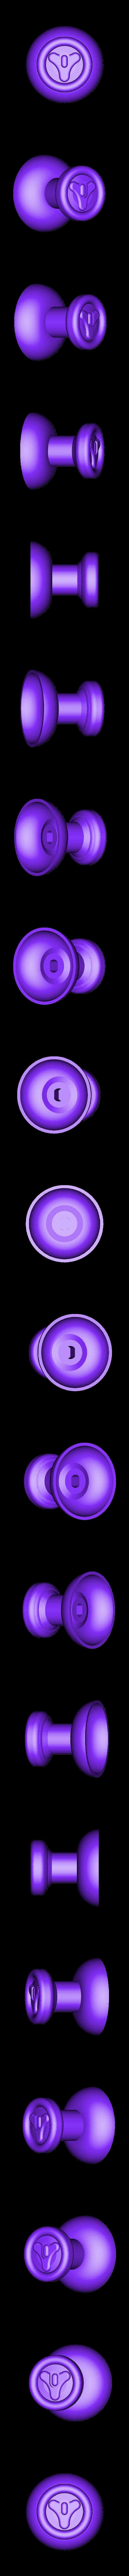 ps4dest_stick.stl Télécharger fichier STL gratuit Remix du Destiny Joystick • Objet imprimable en 3D, LittleTup